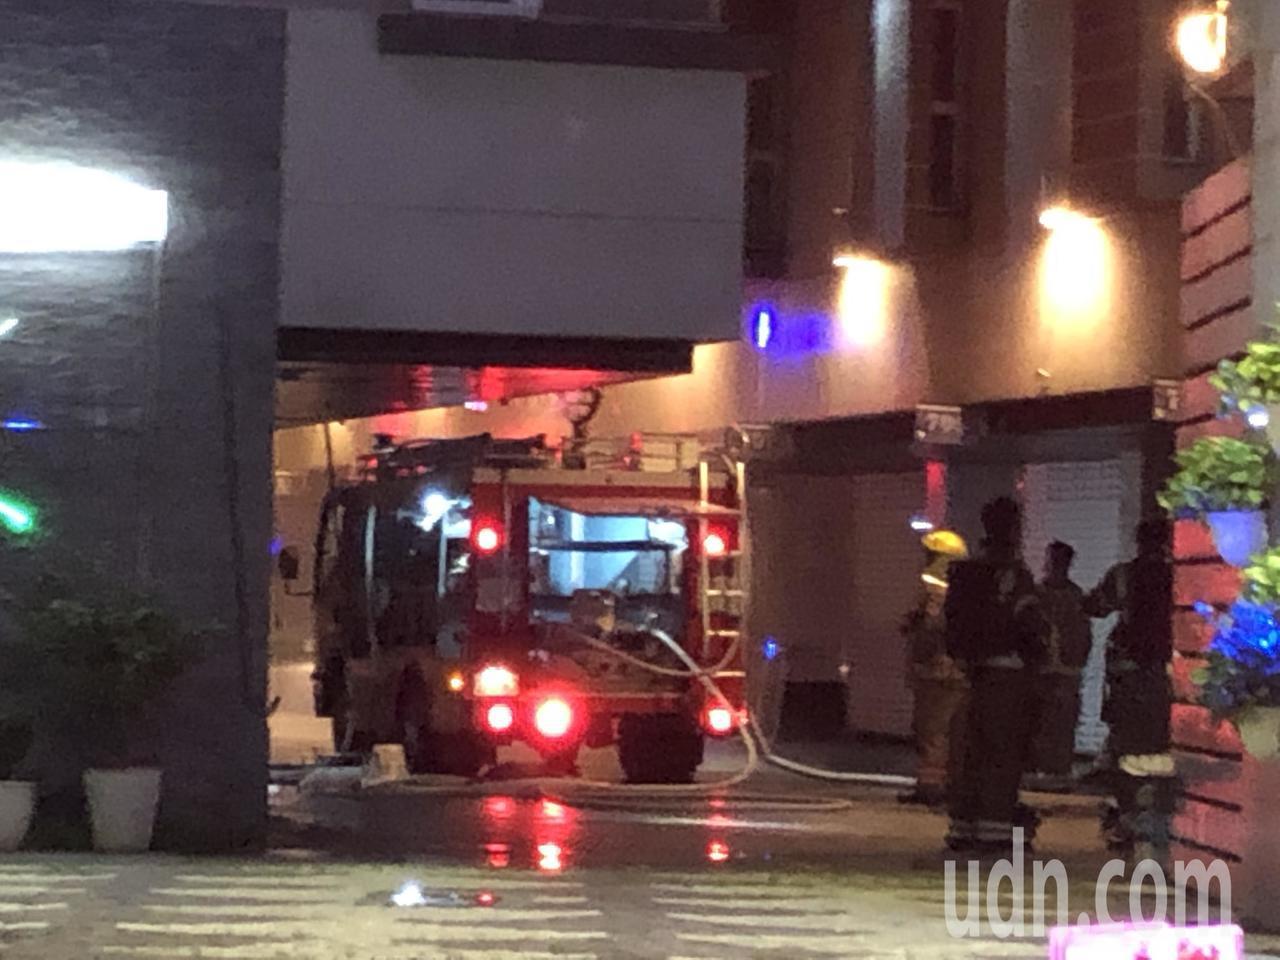 台南市北區一汽車旅館今天凌晨2時33分傳出火警,搶救出1名入住男子,送醫急救,記...